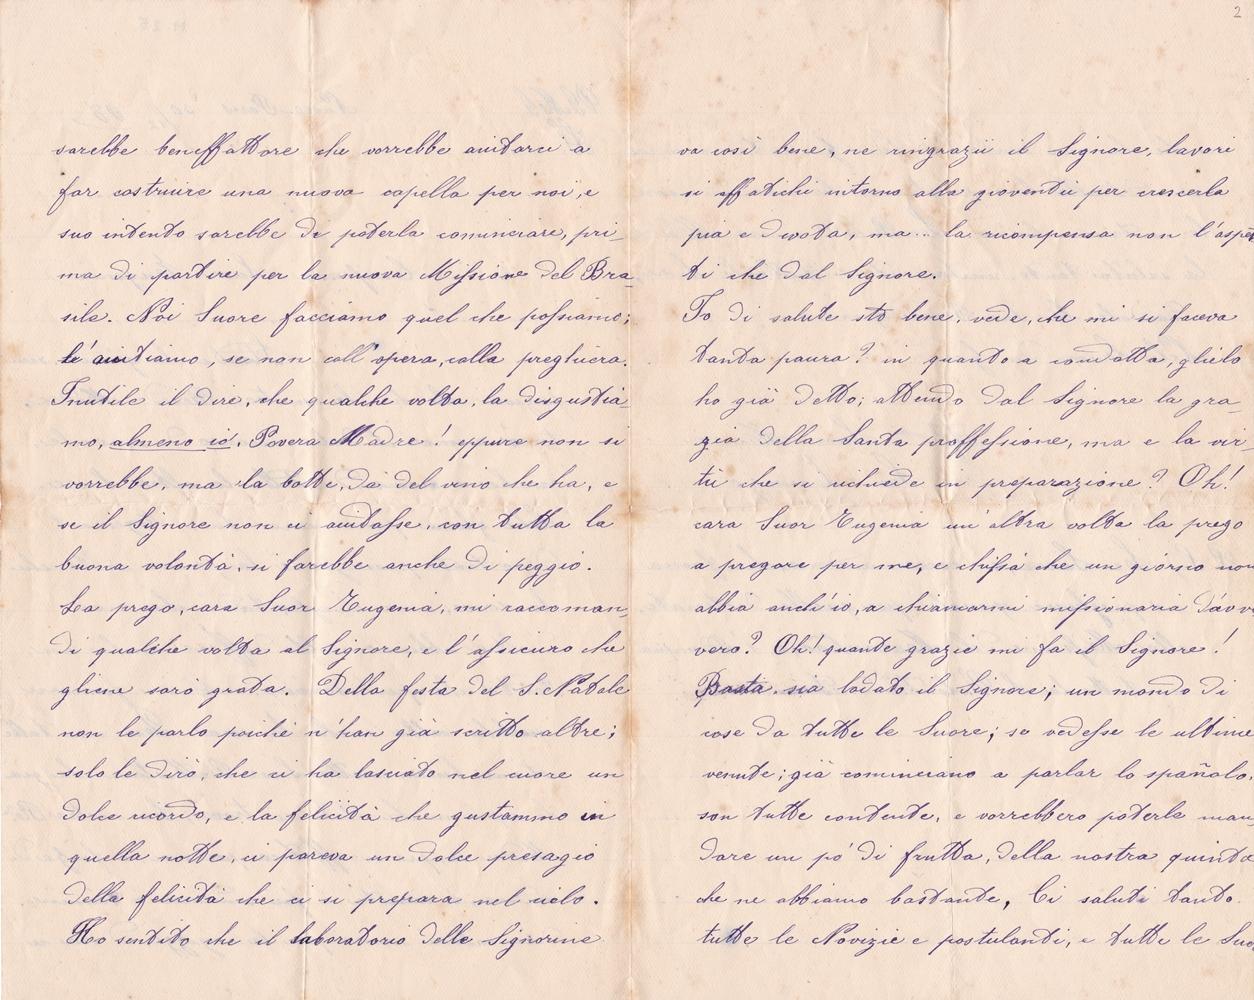 Lettera a sr. Eugenia del 30 dicembre 1898 verso